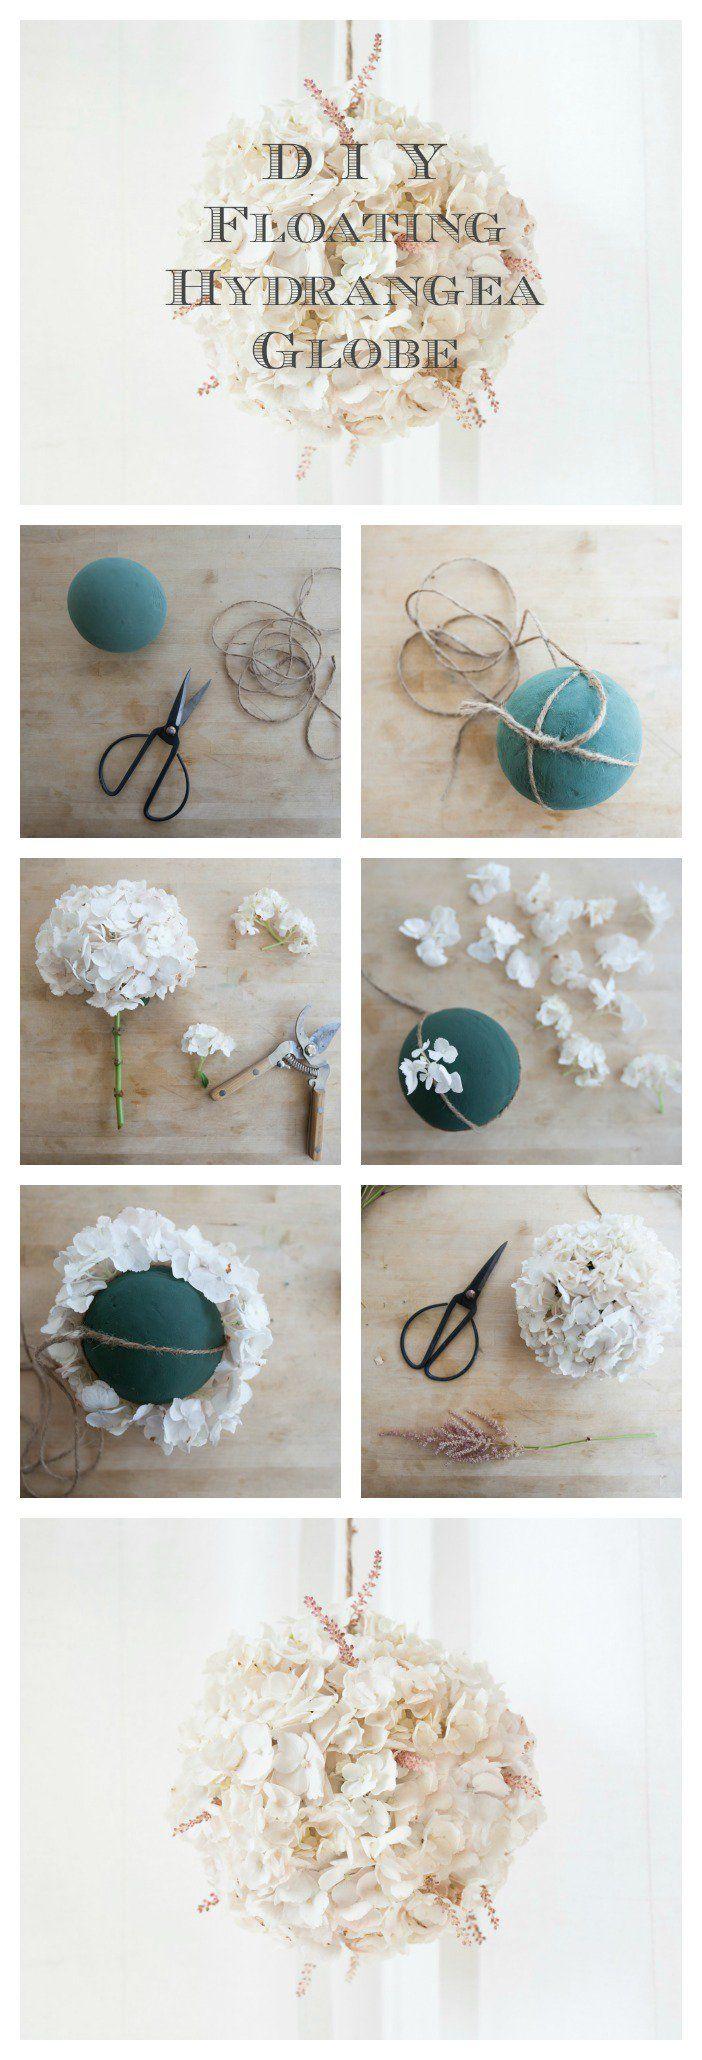 DIY Floating Hydrangea globes  we ❤ this!  moncheribridals.com  #hangingweddingdecor